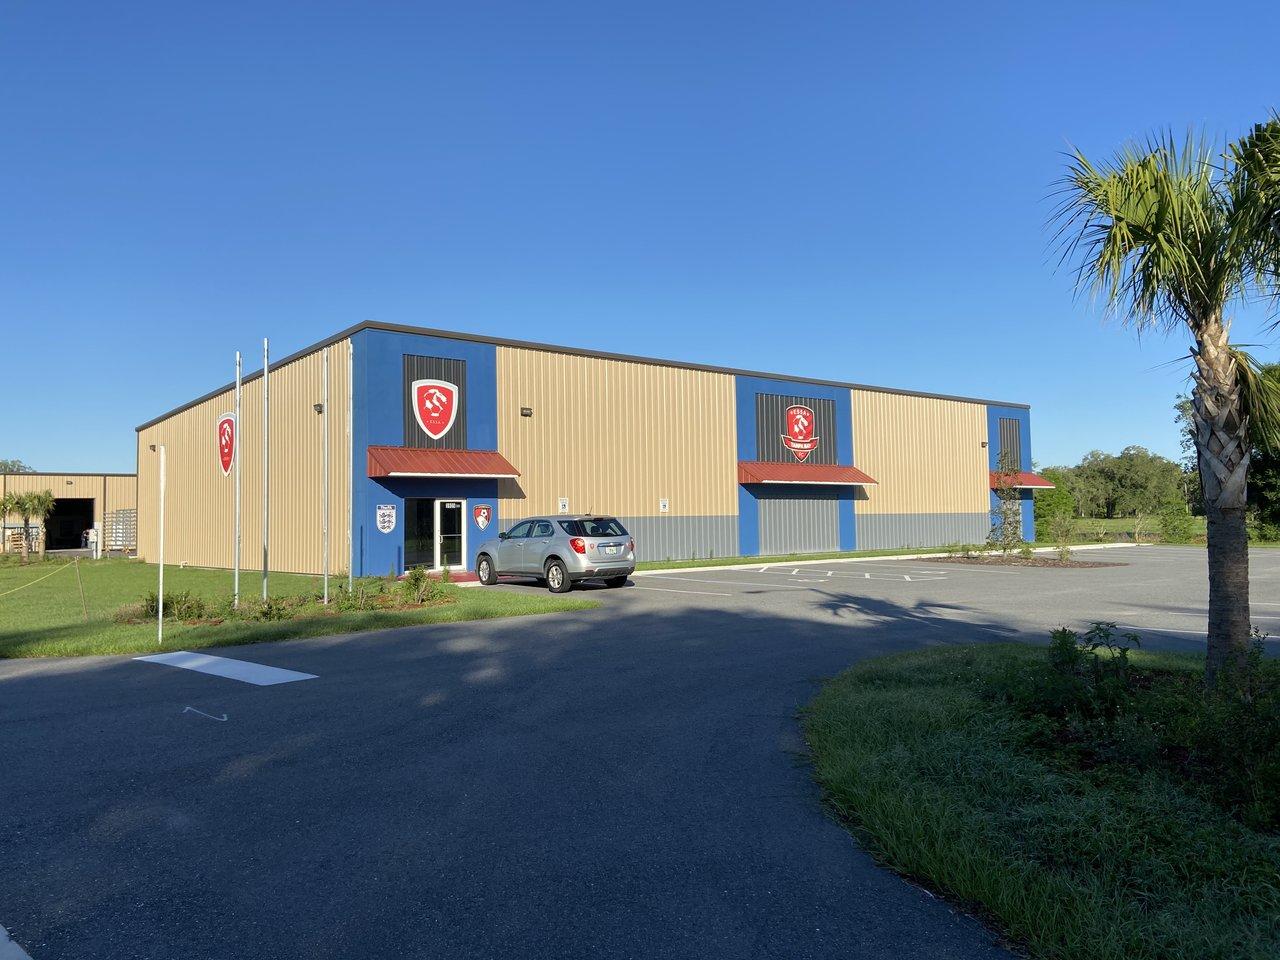 3905 Correia Dr, Zephyrhills, FL, 33542